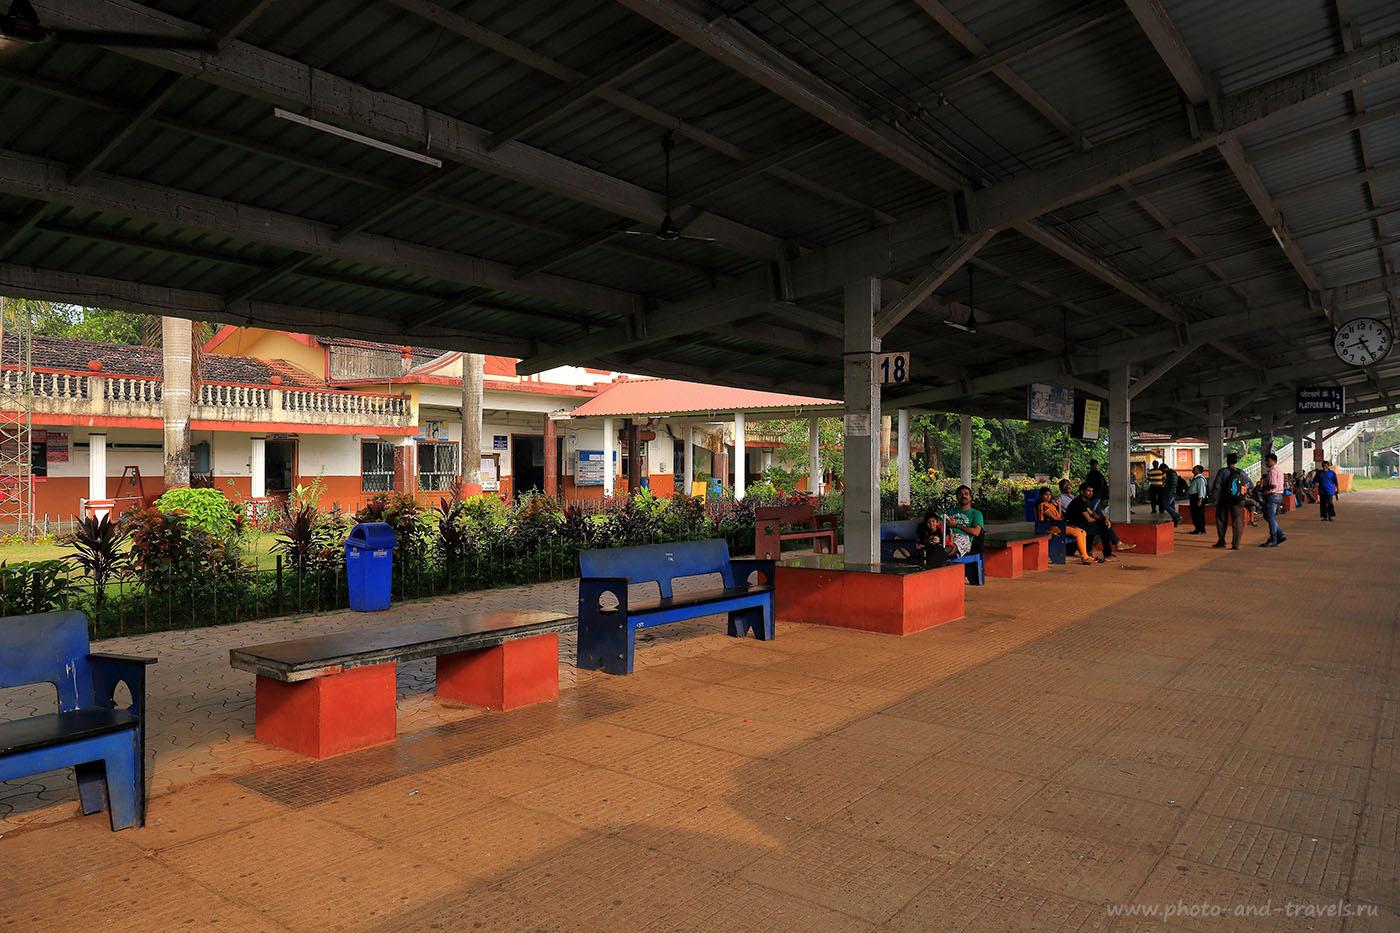 14. Станция Кармали. Рассказа про поездку в Старый Гоа (24-70, 1/200, -1eV, f9, 24mm, ISO 250)